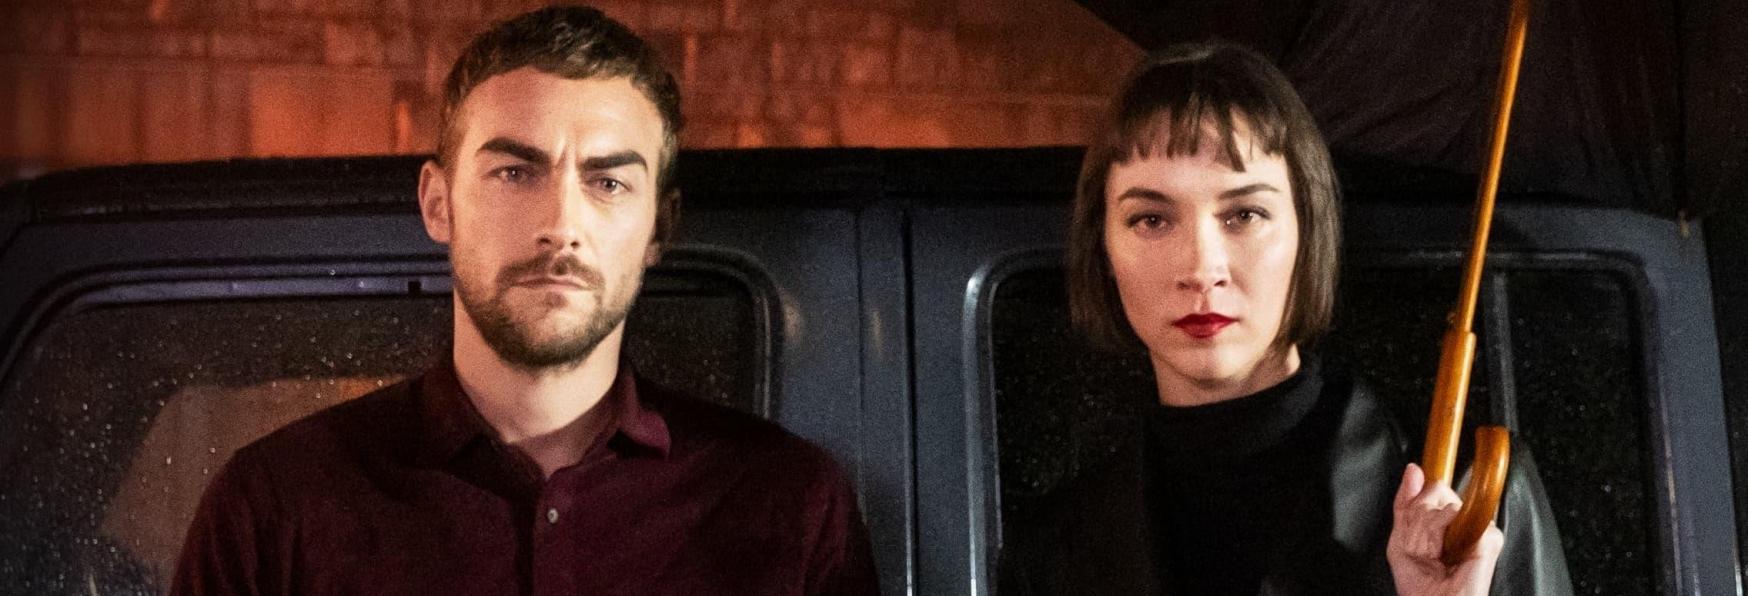 Helstrom: Trama, Cast, Data e Trailer della nuova Serie TV targata Hulu